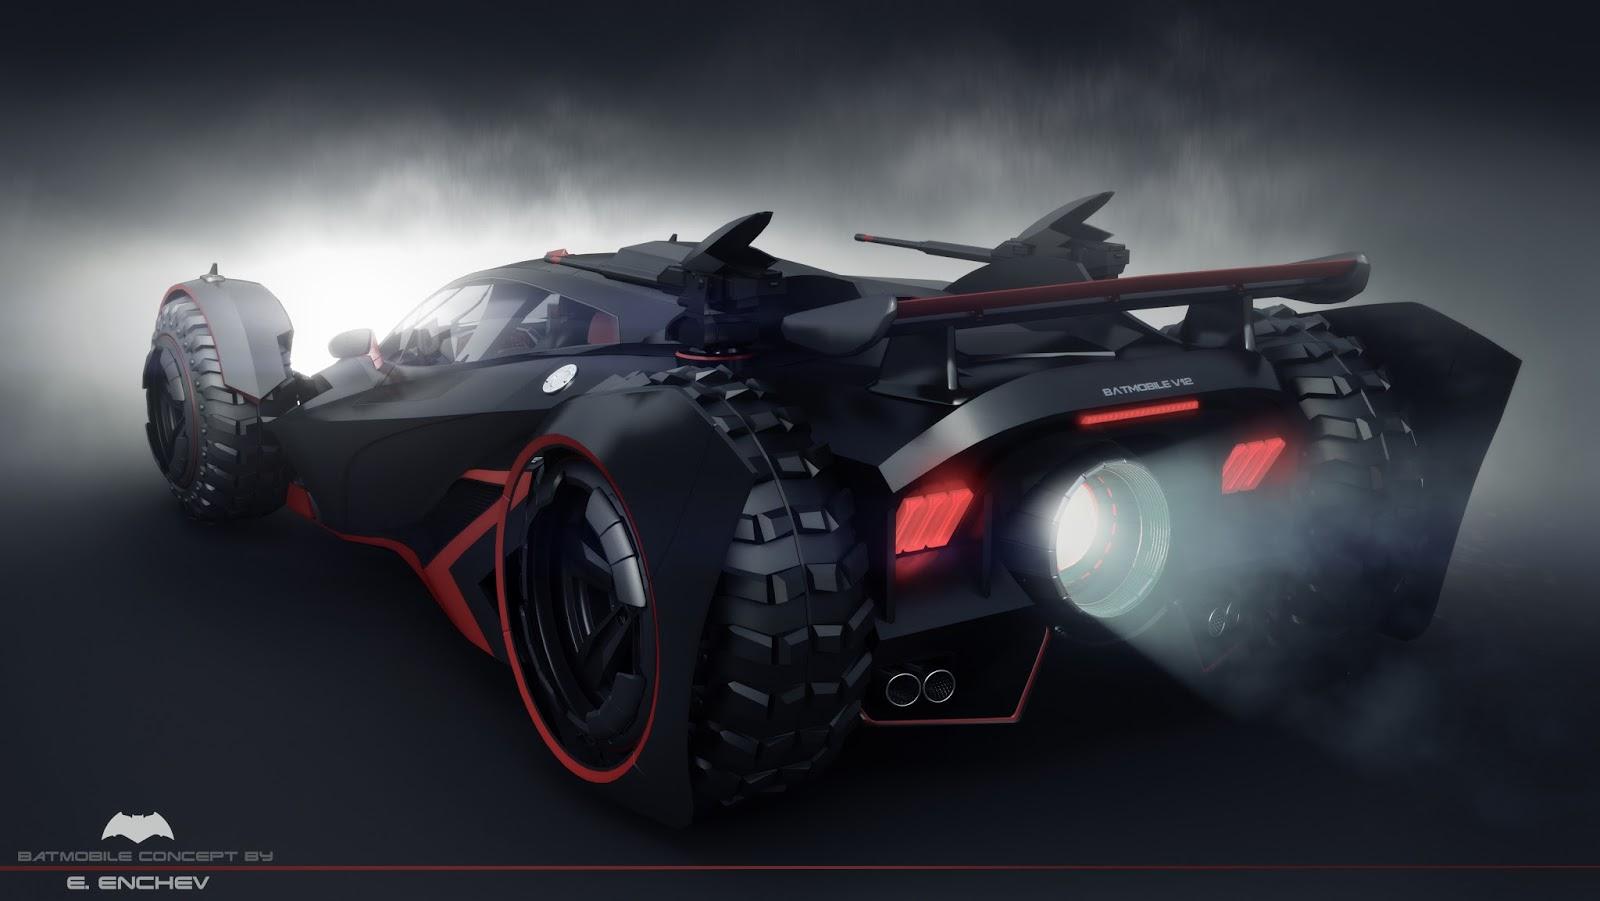 Best Car Sound System >> batmobile concept V12 - 3DTotal Forums